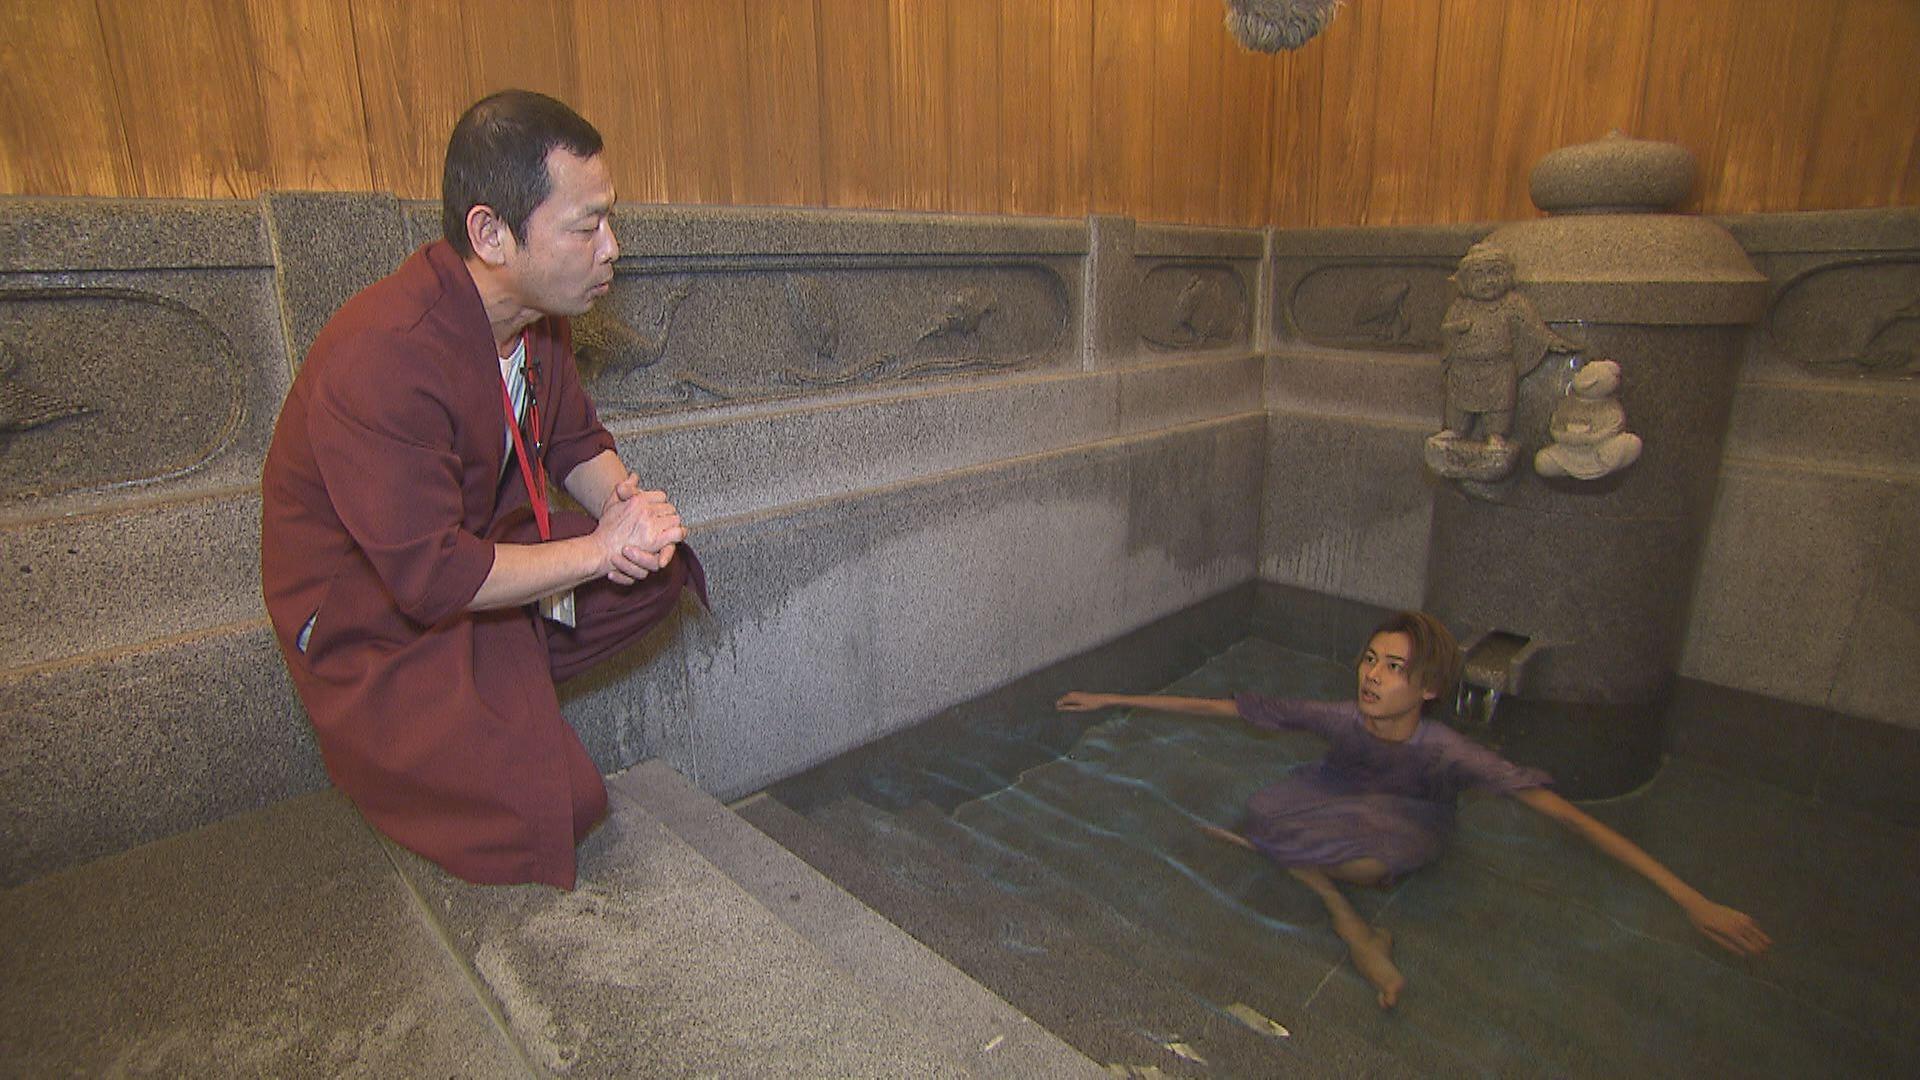 愛媛の温泉、グルメ、陶芸を満喫する旅